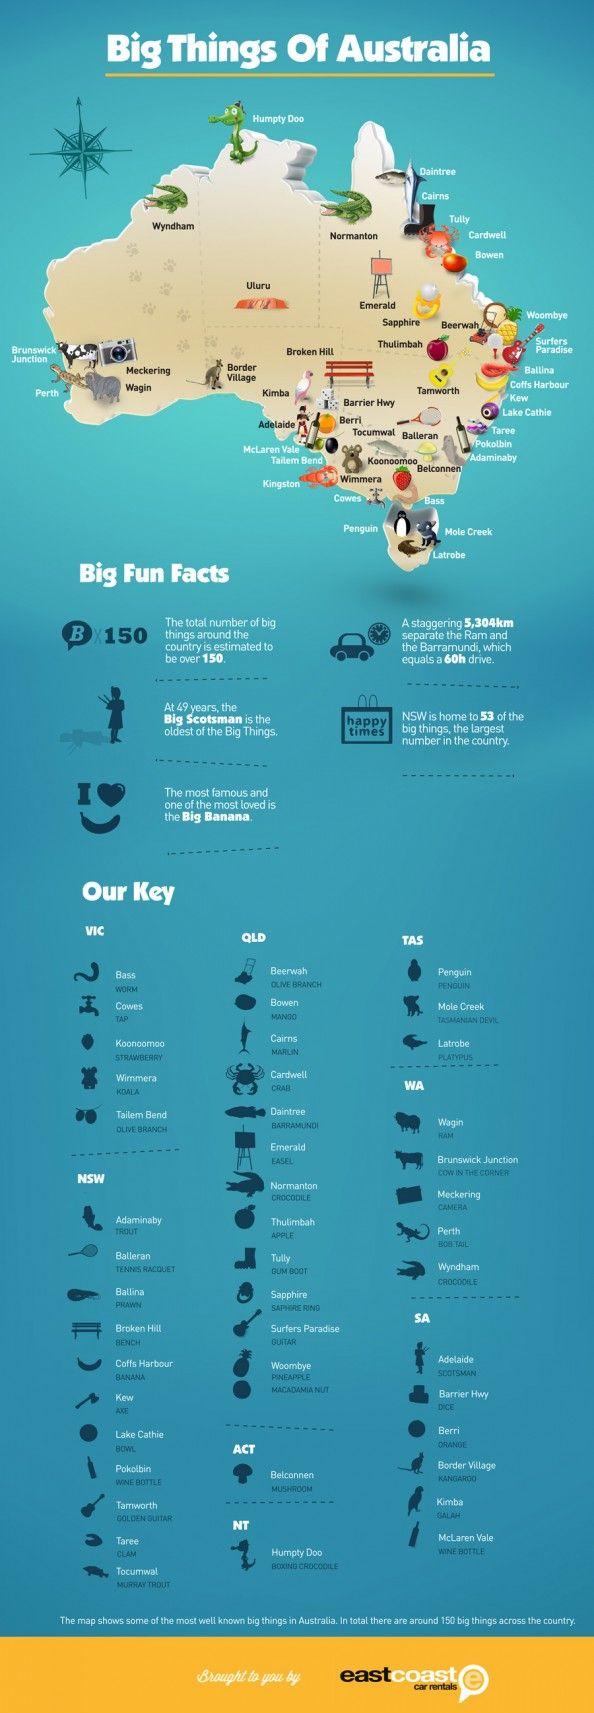 Descubre cosas GRANDES de Australia en una infografía. Desde cultura hasta viajes. Big Things of Australia Map Infographic • Australian culture • Australian humour • travel Australia • South Australia • Adelaide sights • aussie big things • riawati